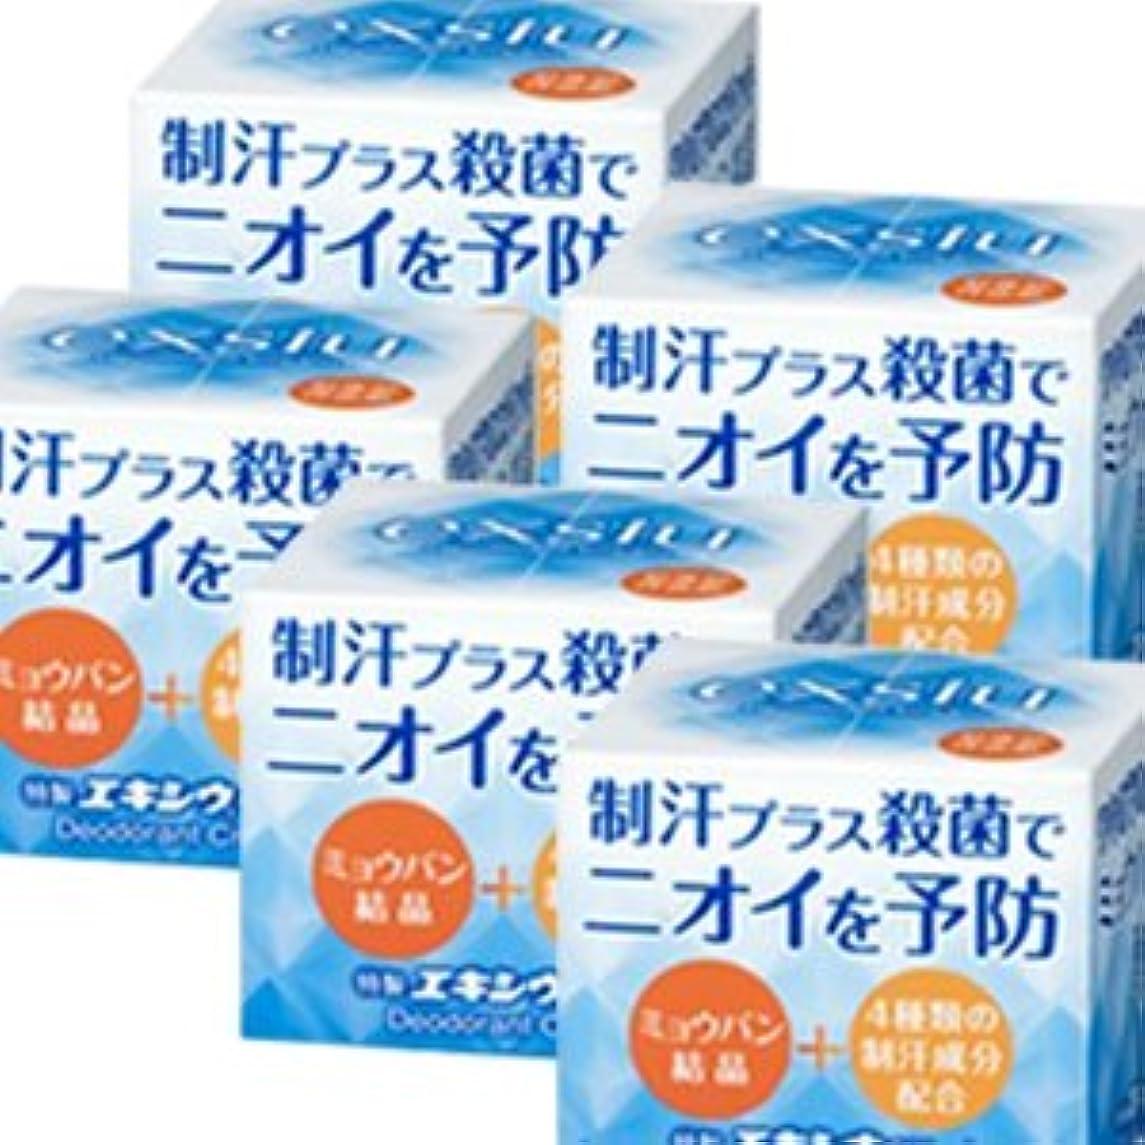 細胞ダッシュティーンエイジャー【5個】 特製エキシウクリーム 30gx5個 (4987145200228)